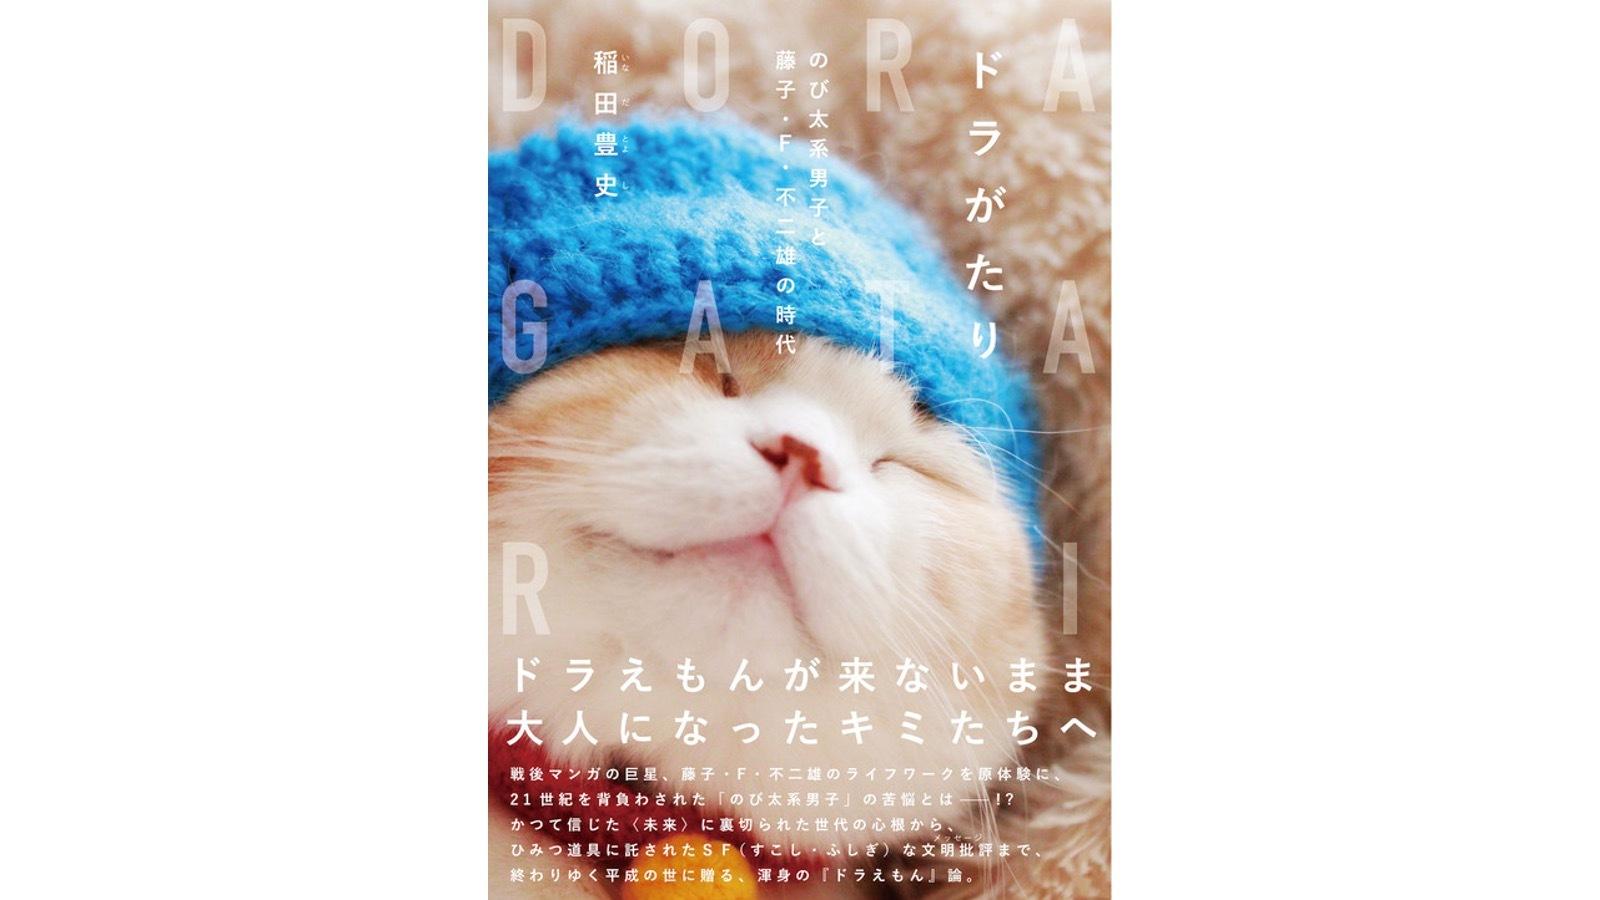 『ドラがたり のび太系男子と藤子・F・不二雄の時代』稲田豊史